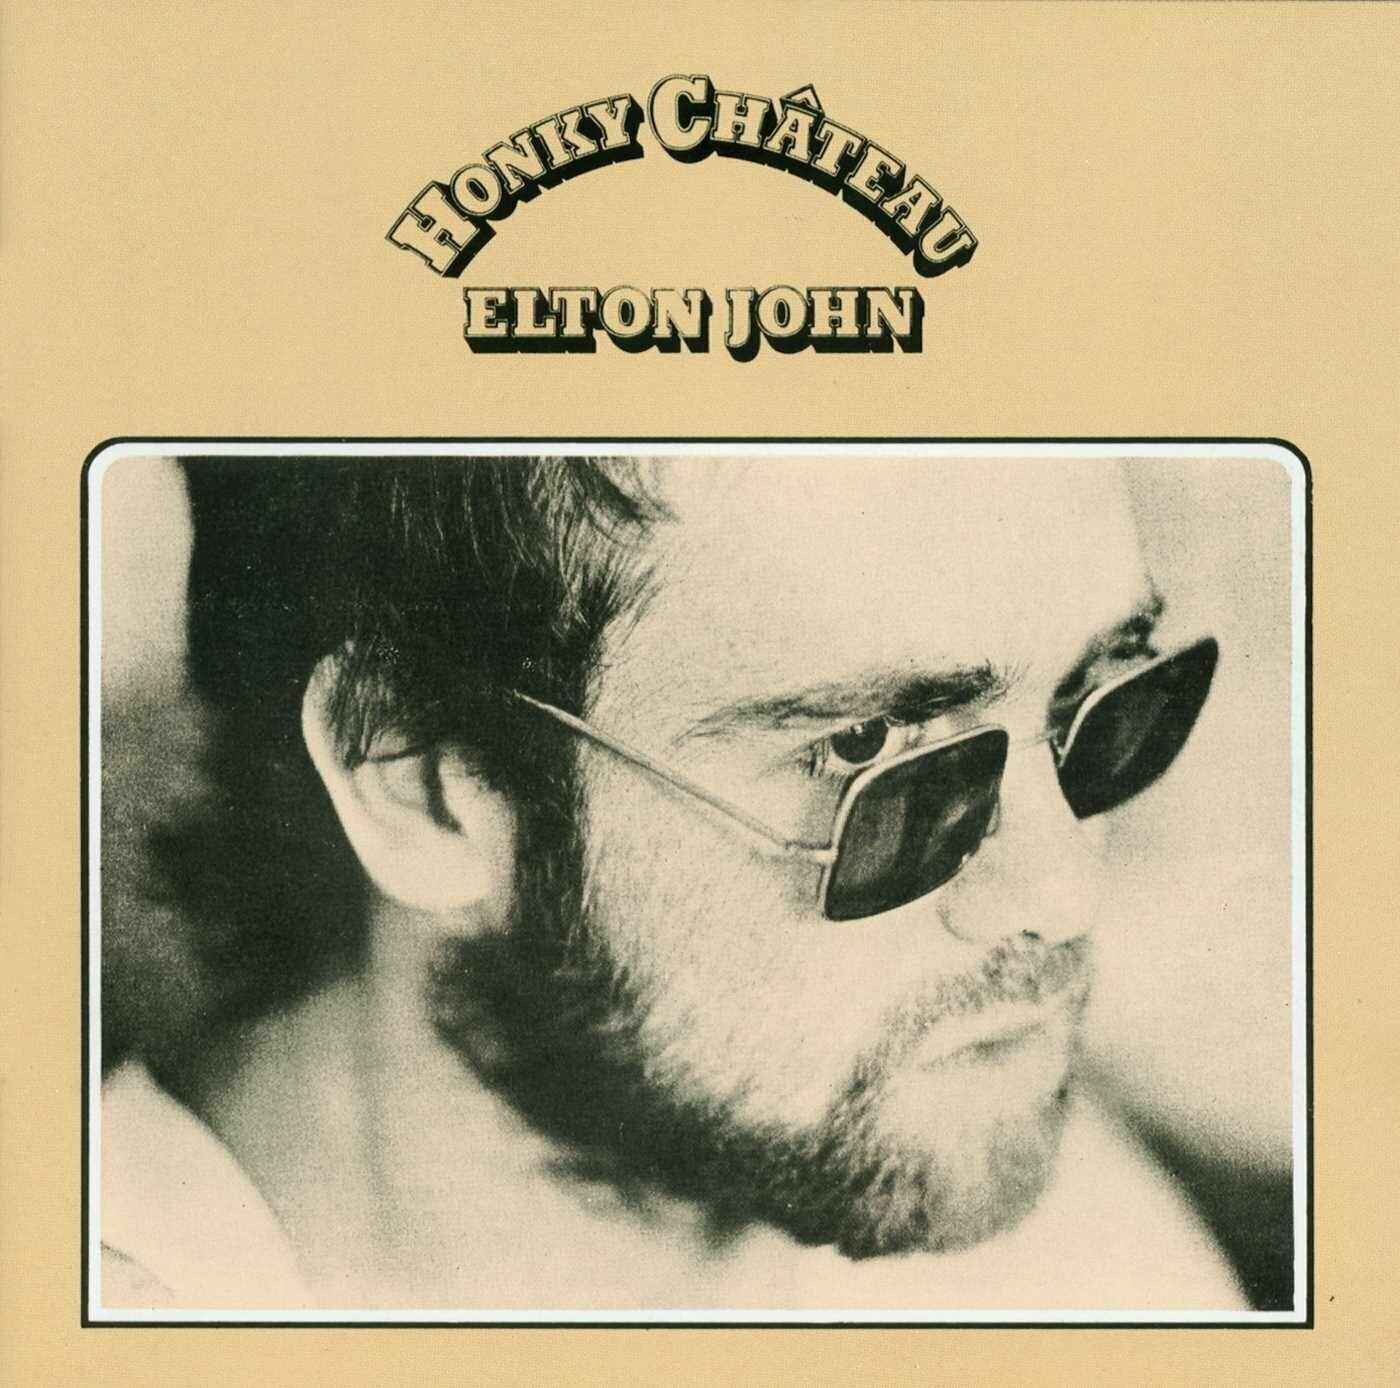 Elton John / Honky Chateau